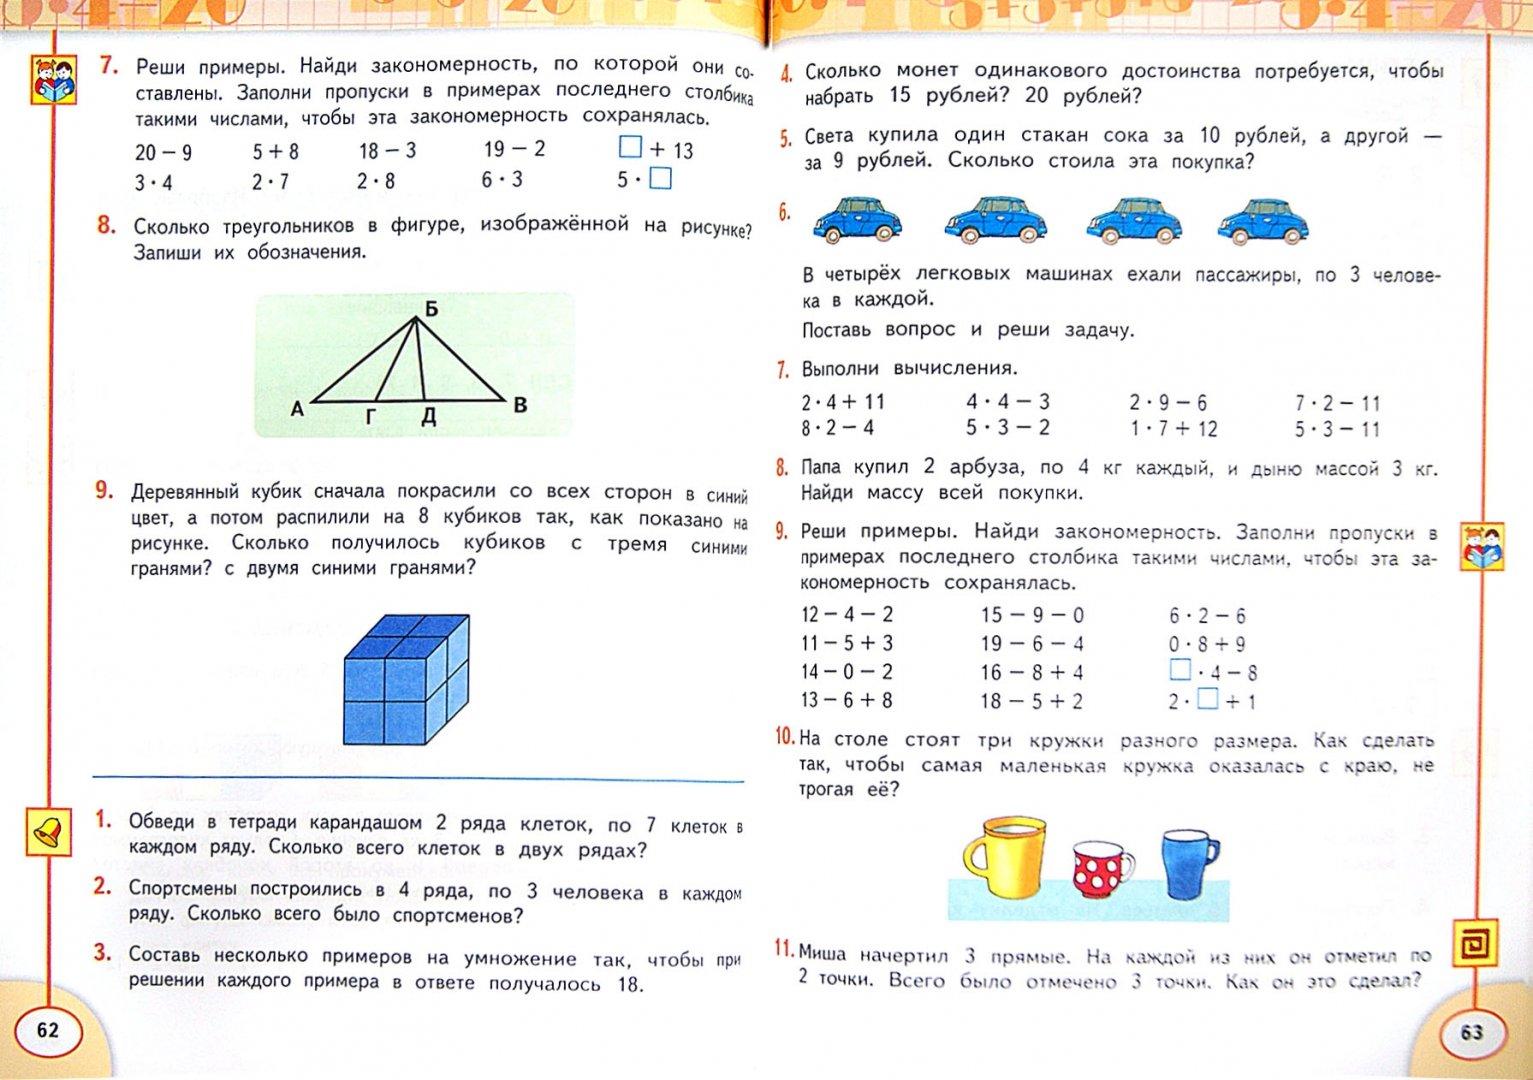 Иллюстрация 1 из 18 для Математика. 2 класс. Учебник. В 2-х частях (+CD). ФГОС - Дорофеев, Миракова, Бука | Лабиринт - книги. Источник: Лабиринт